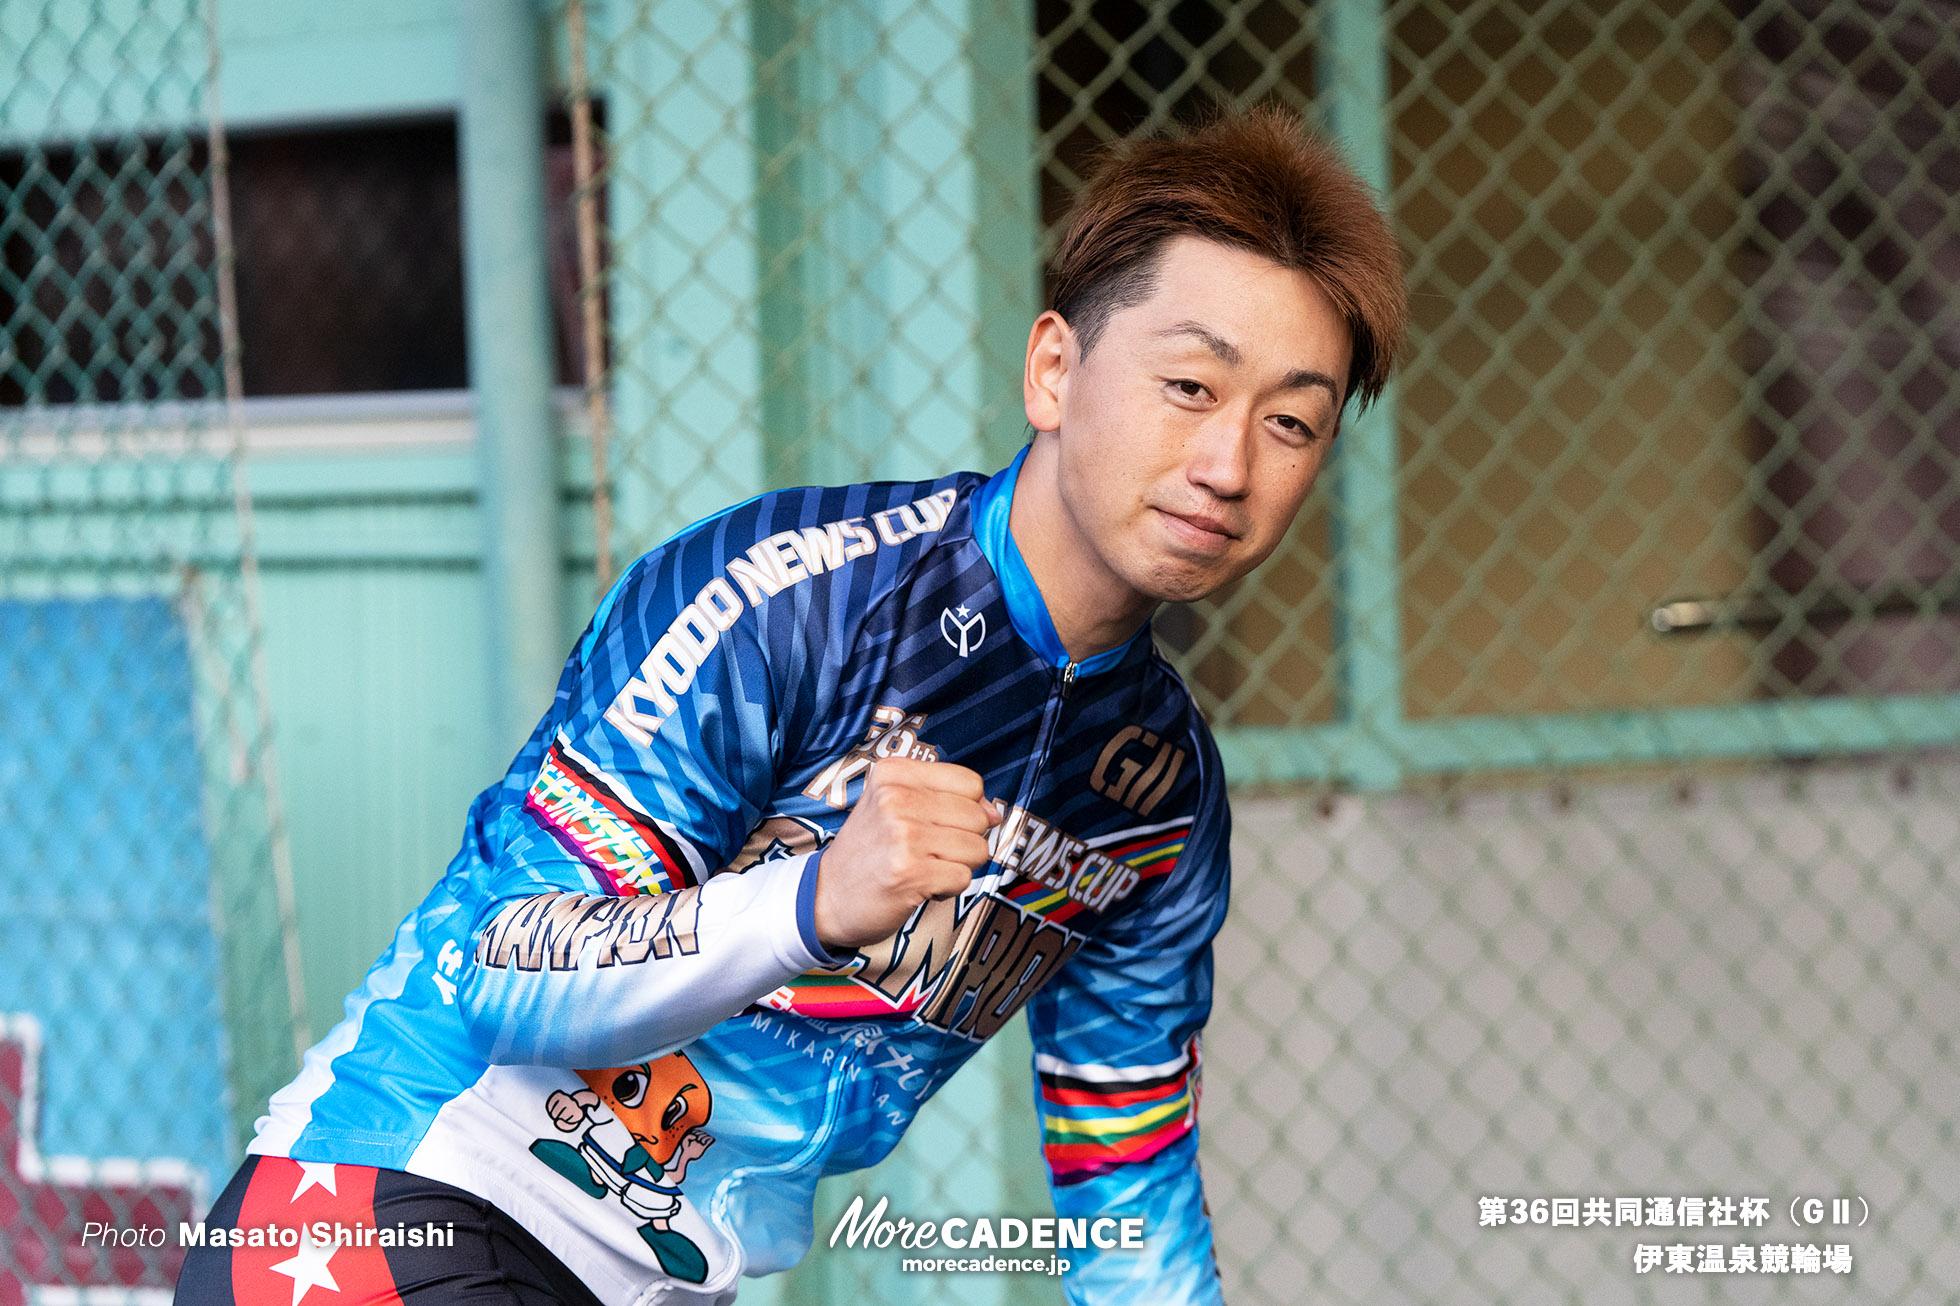 中本匠栄, 第36回共同通信社杯, 伊東温泉競輪場